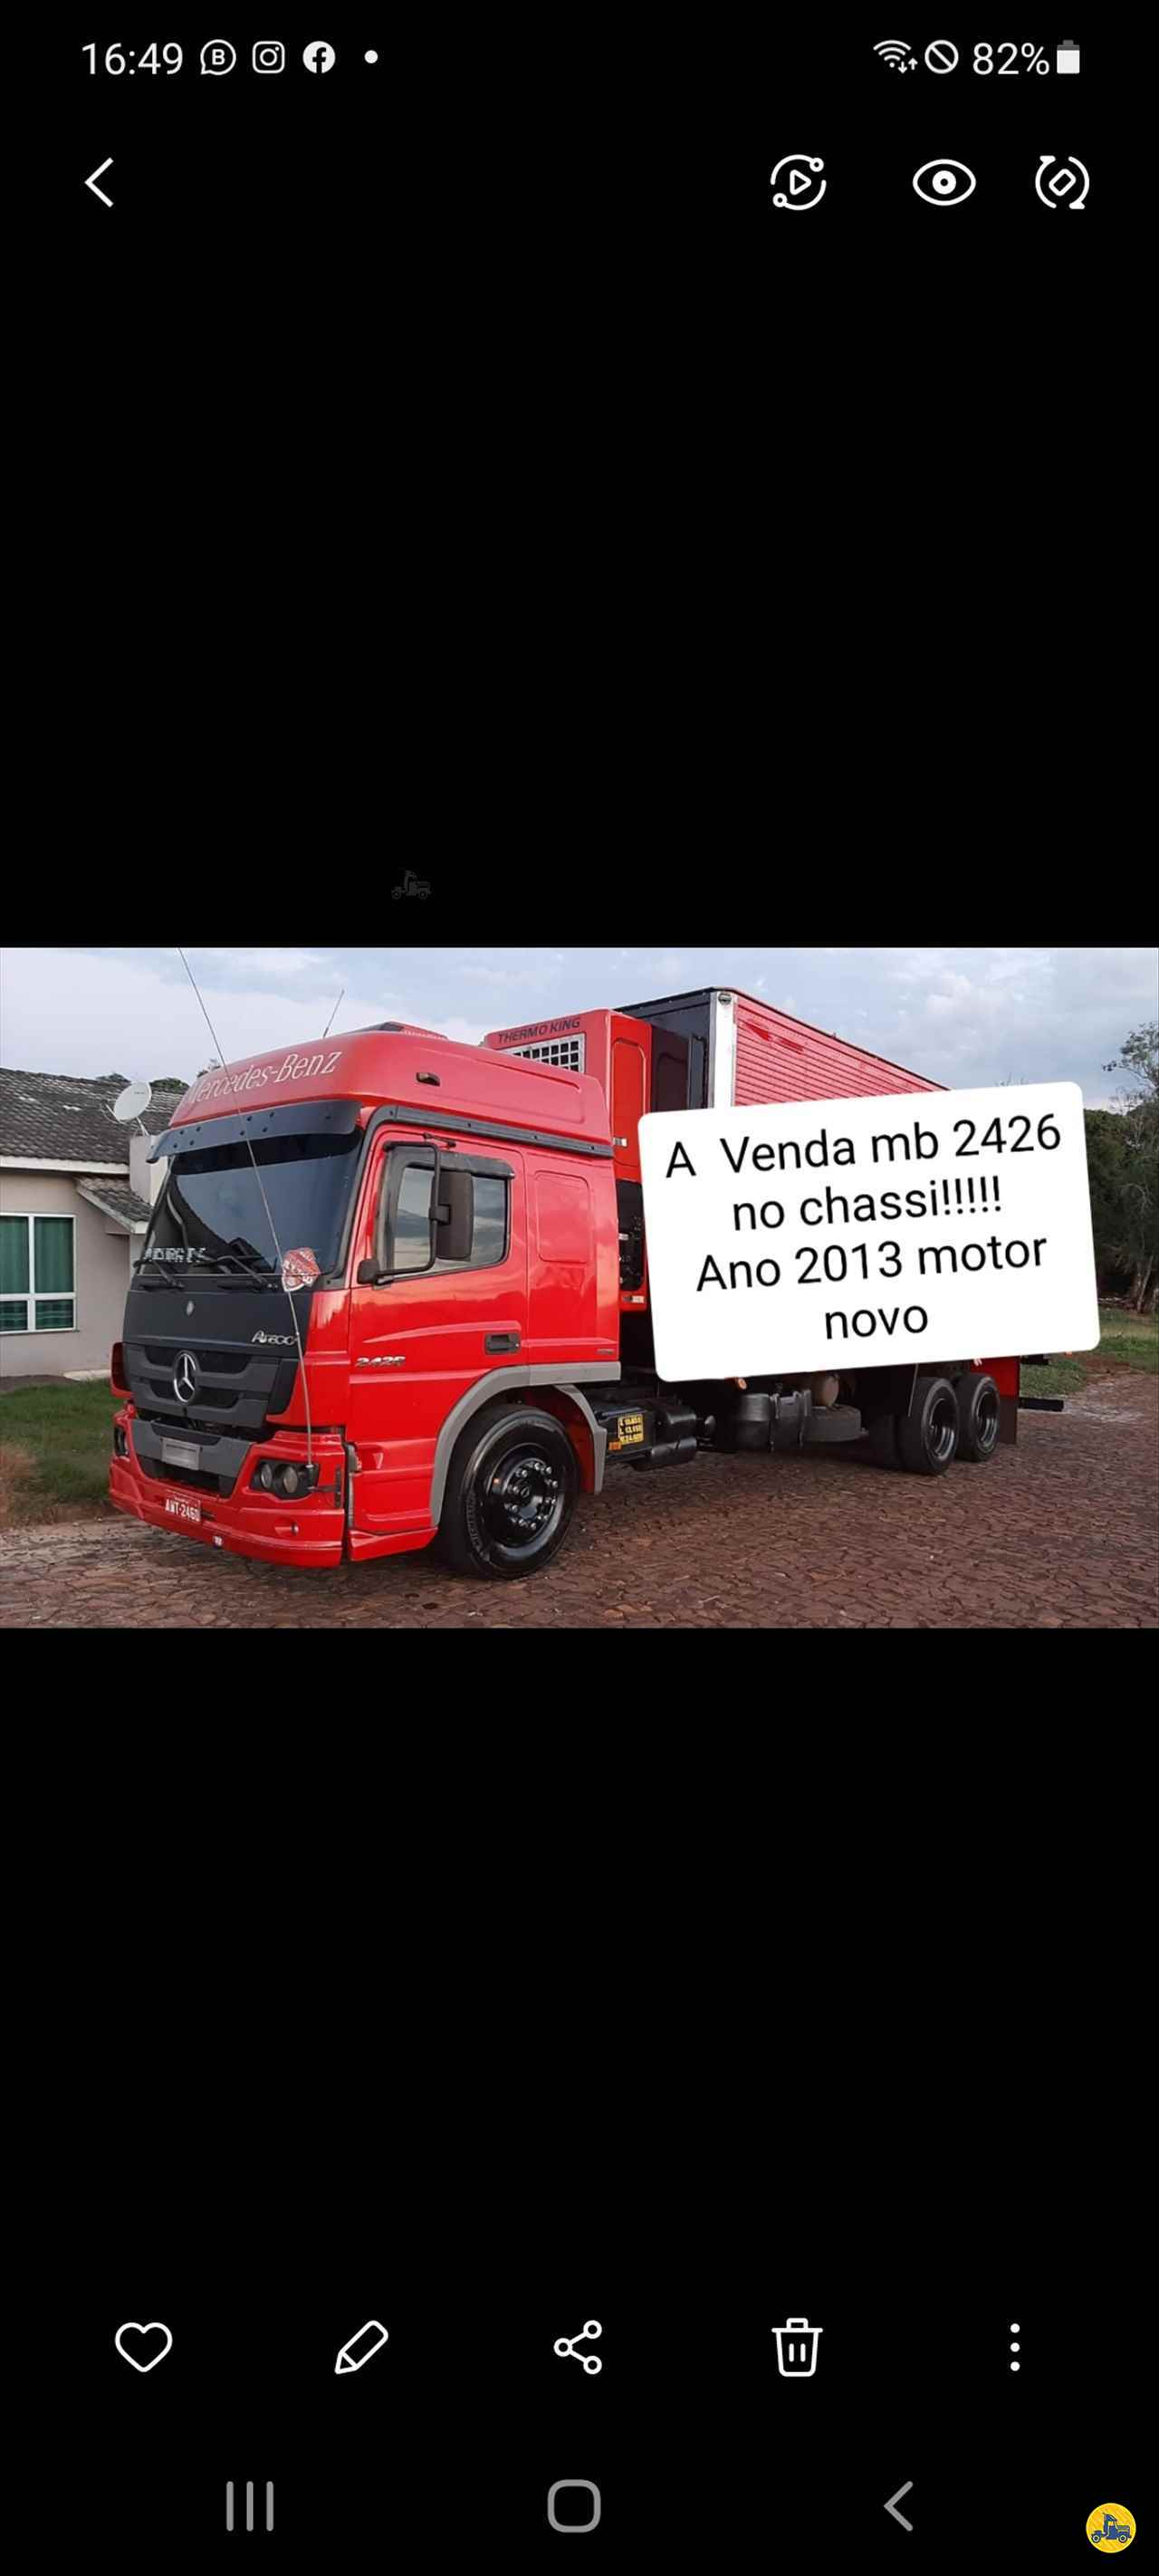 CAMINHAO MERCEDES-BENZ MB 2426 Baú Furgão Truck 6x2 CRM Caminhões Curitiba CAMPINA GRANDE DO SUL PARANÁ PR